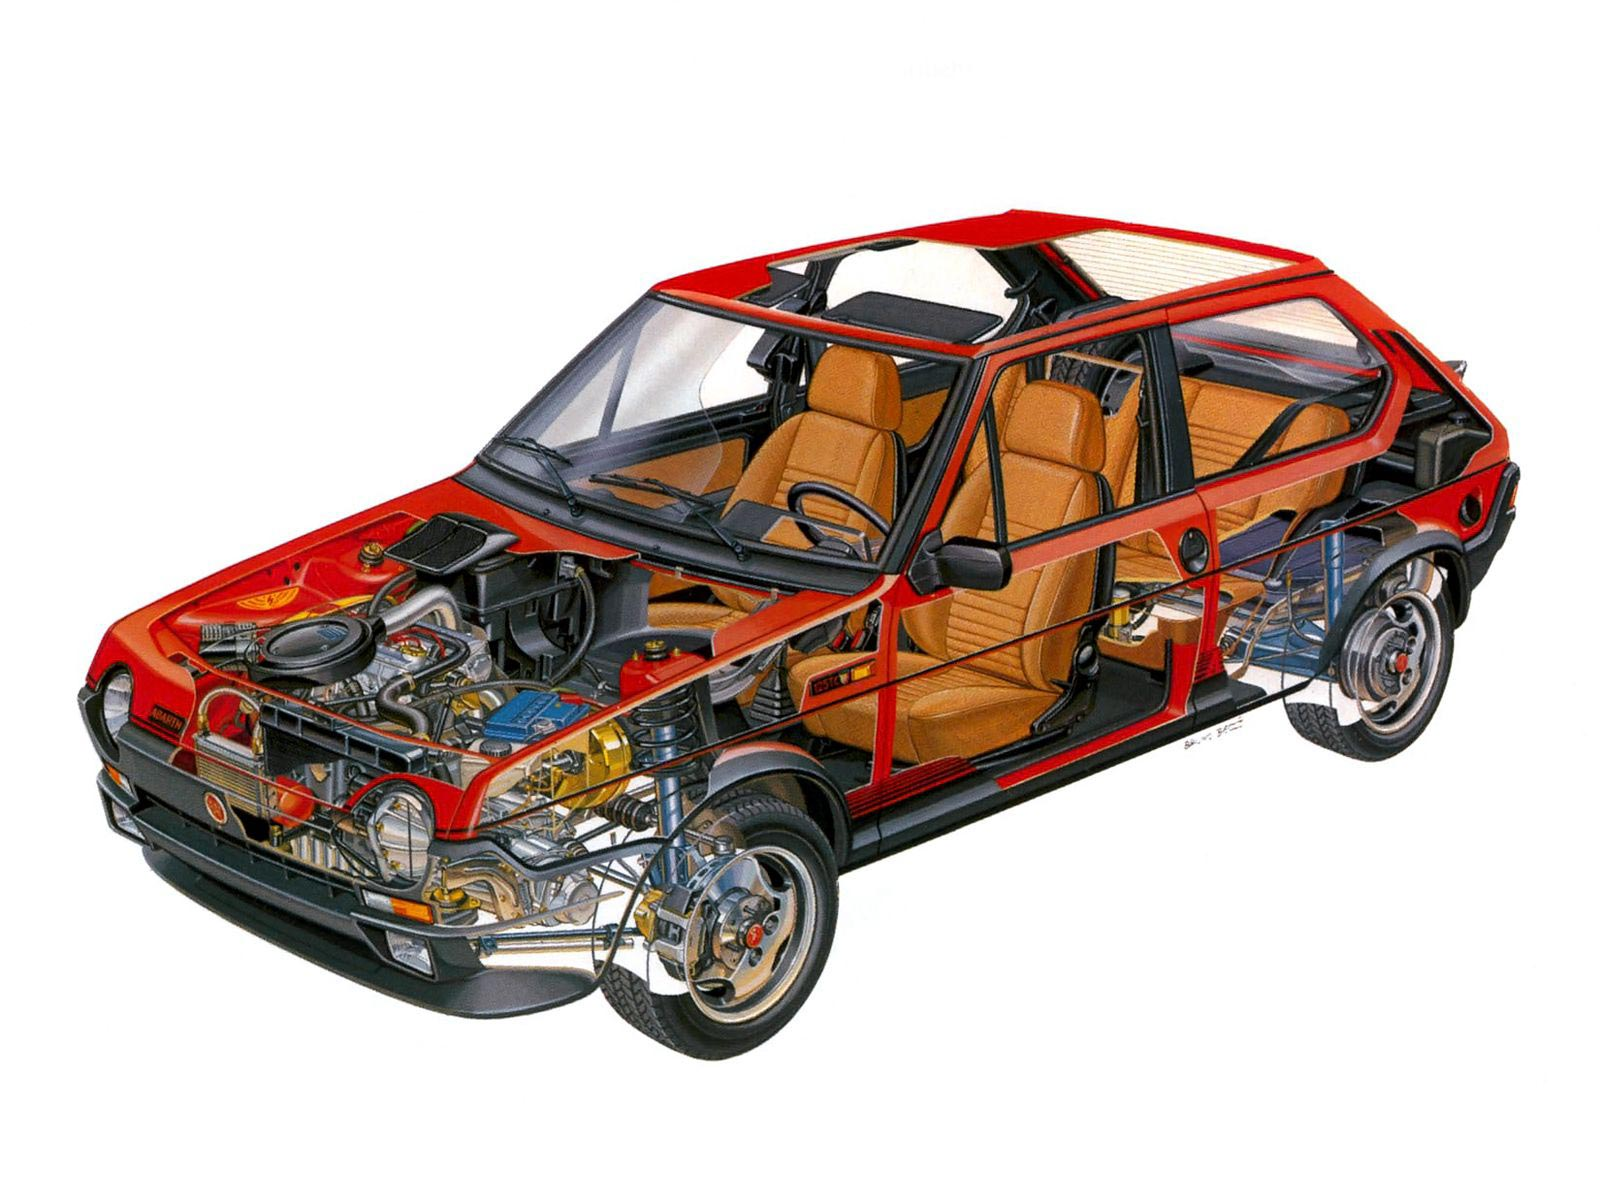 Fiat Ritmo cutaway